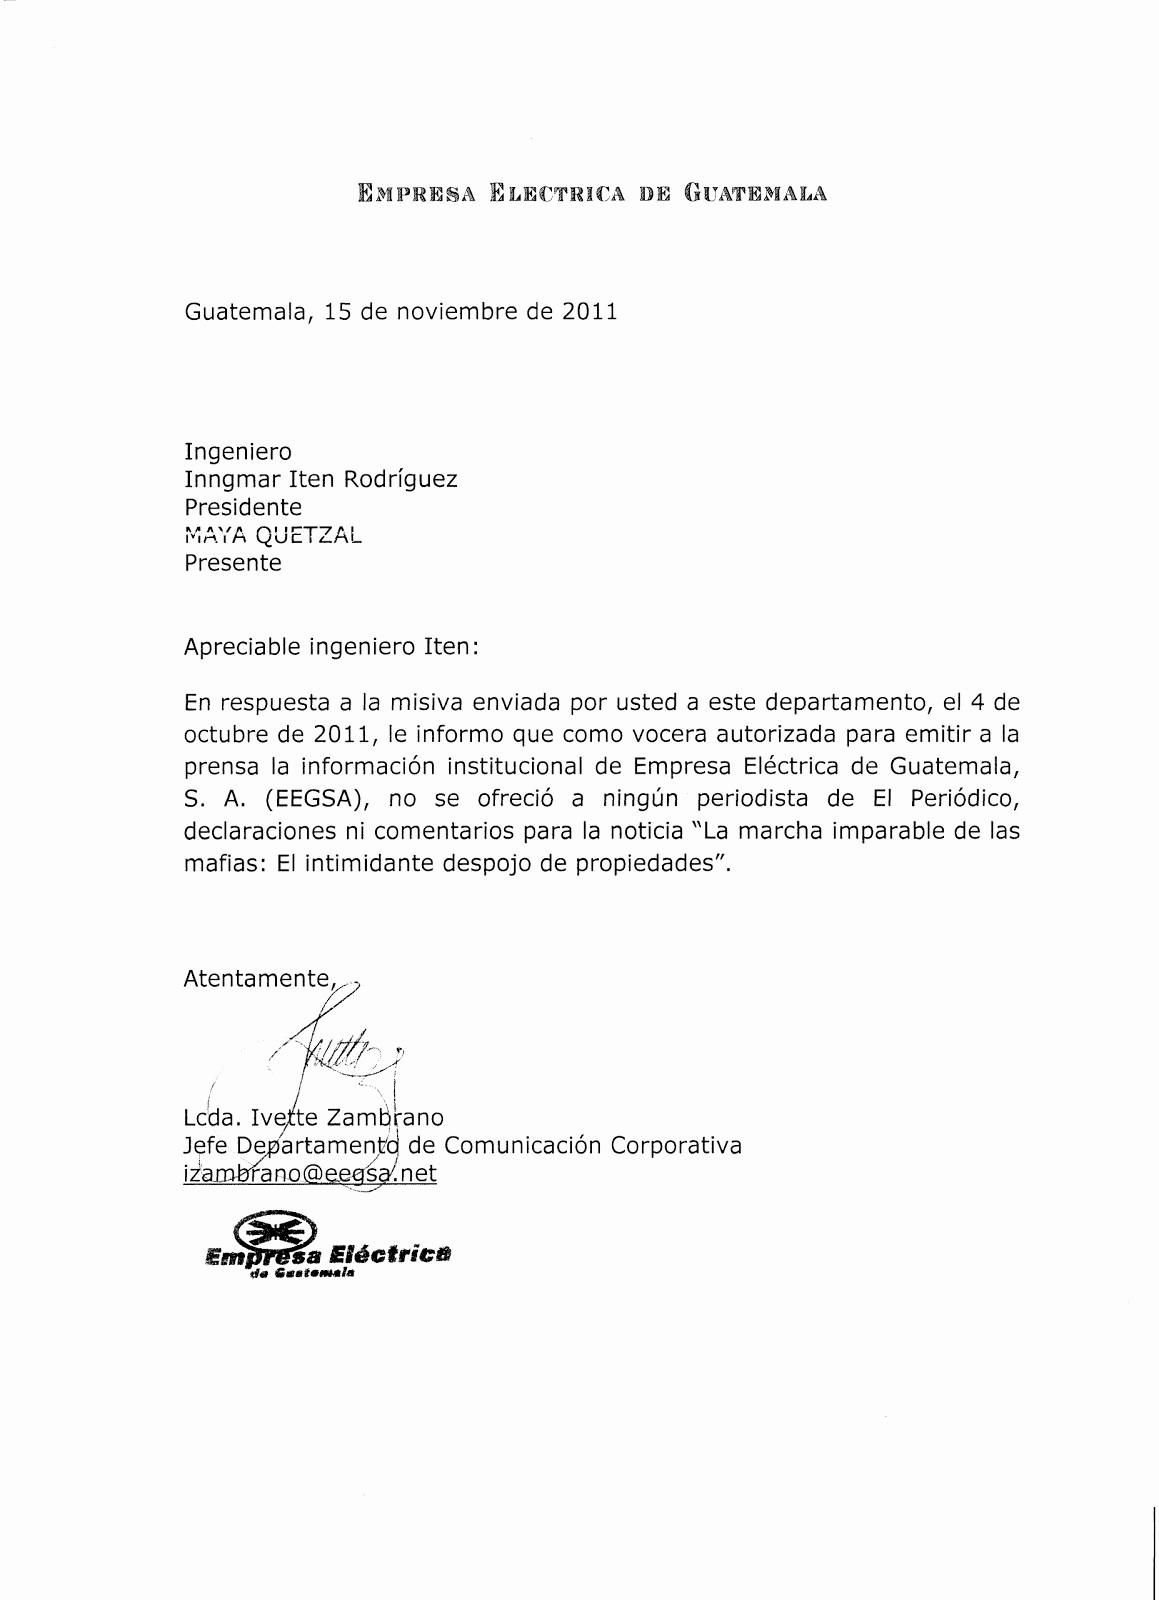 Carta De Referencia Personal Ejemplo Unique Ejemplo Carta De Referencia Personal